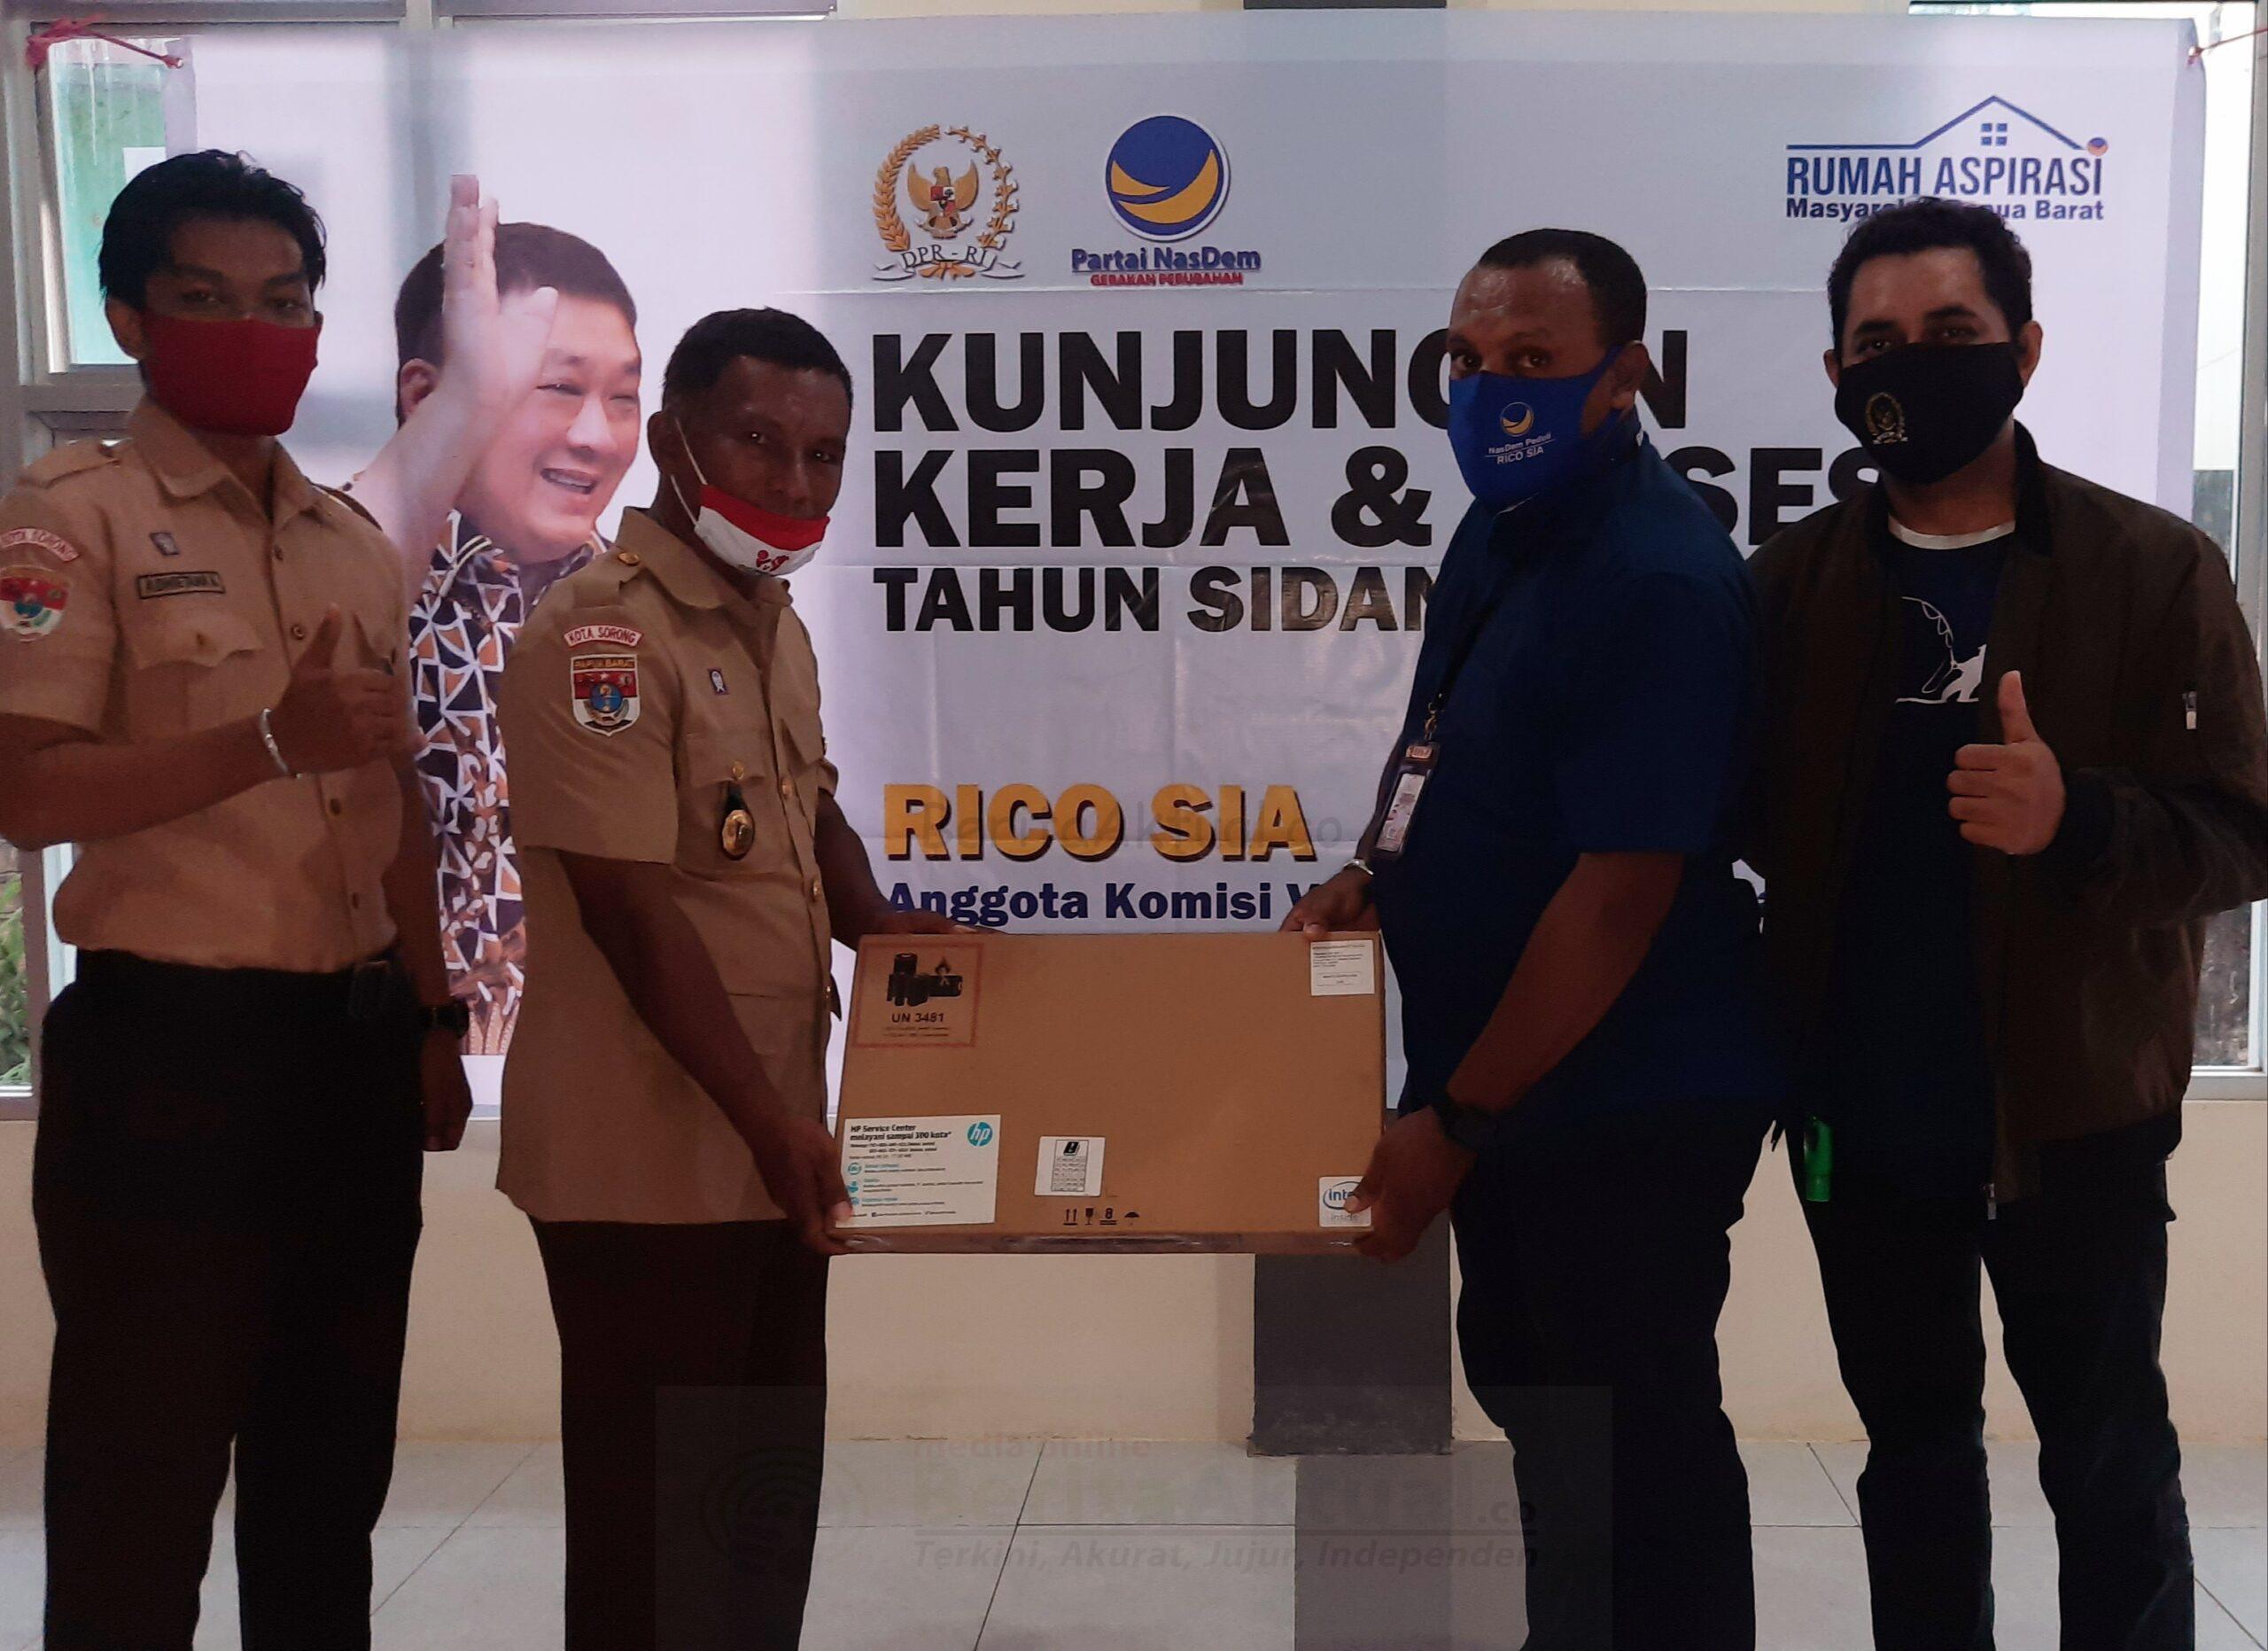 Rico Sia Realisasikan Bantuan Teknologi Untuk Kwarcab Dan Sekolah di Sorong 16 20201107 215201 scaled